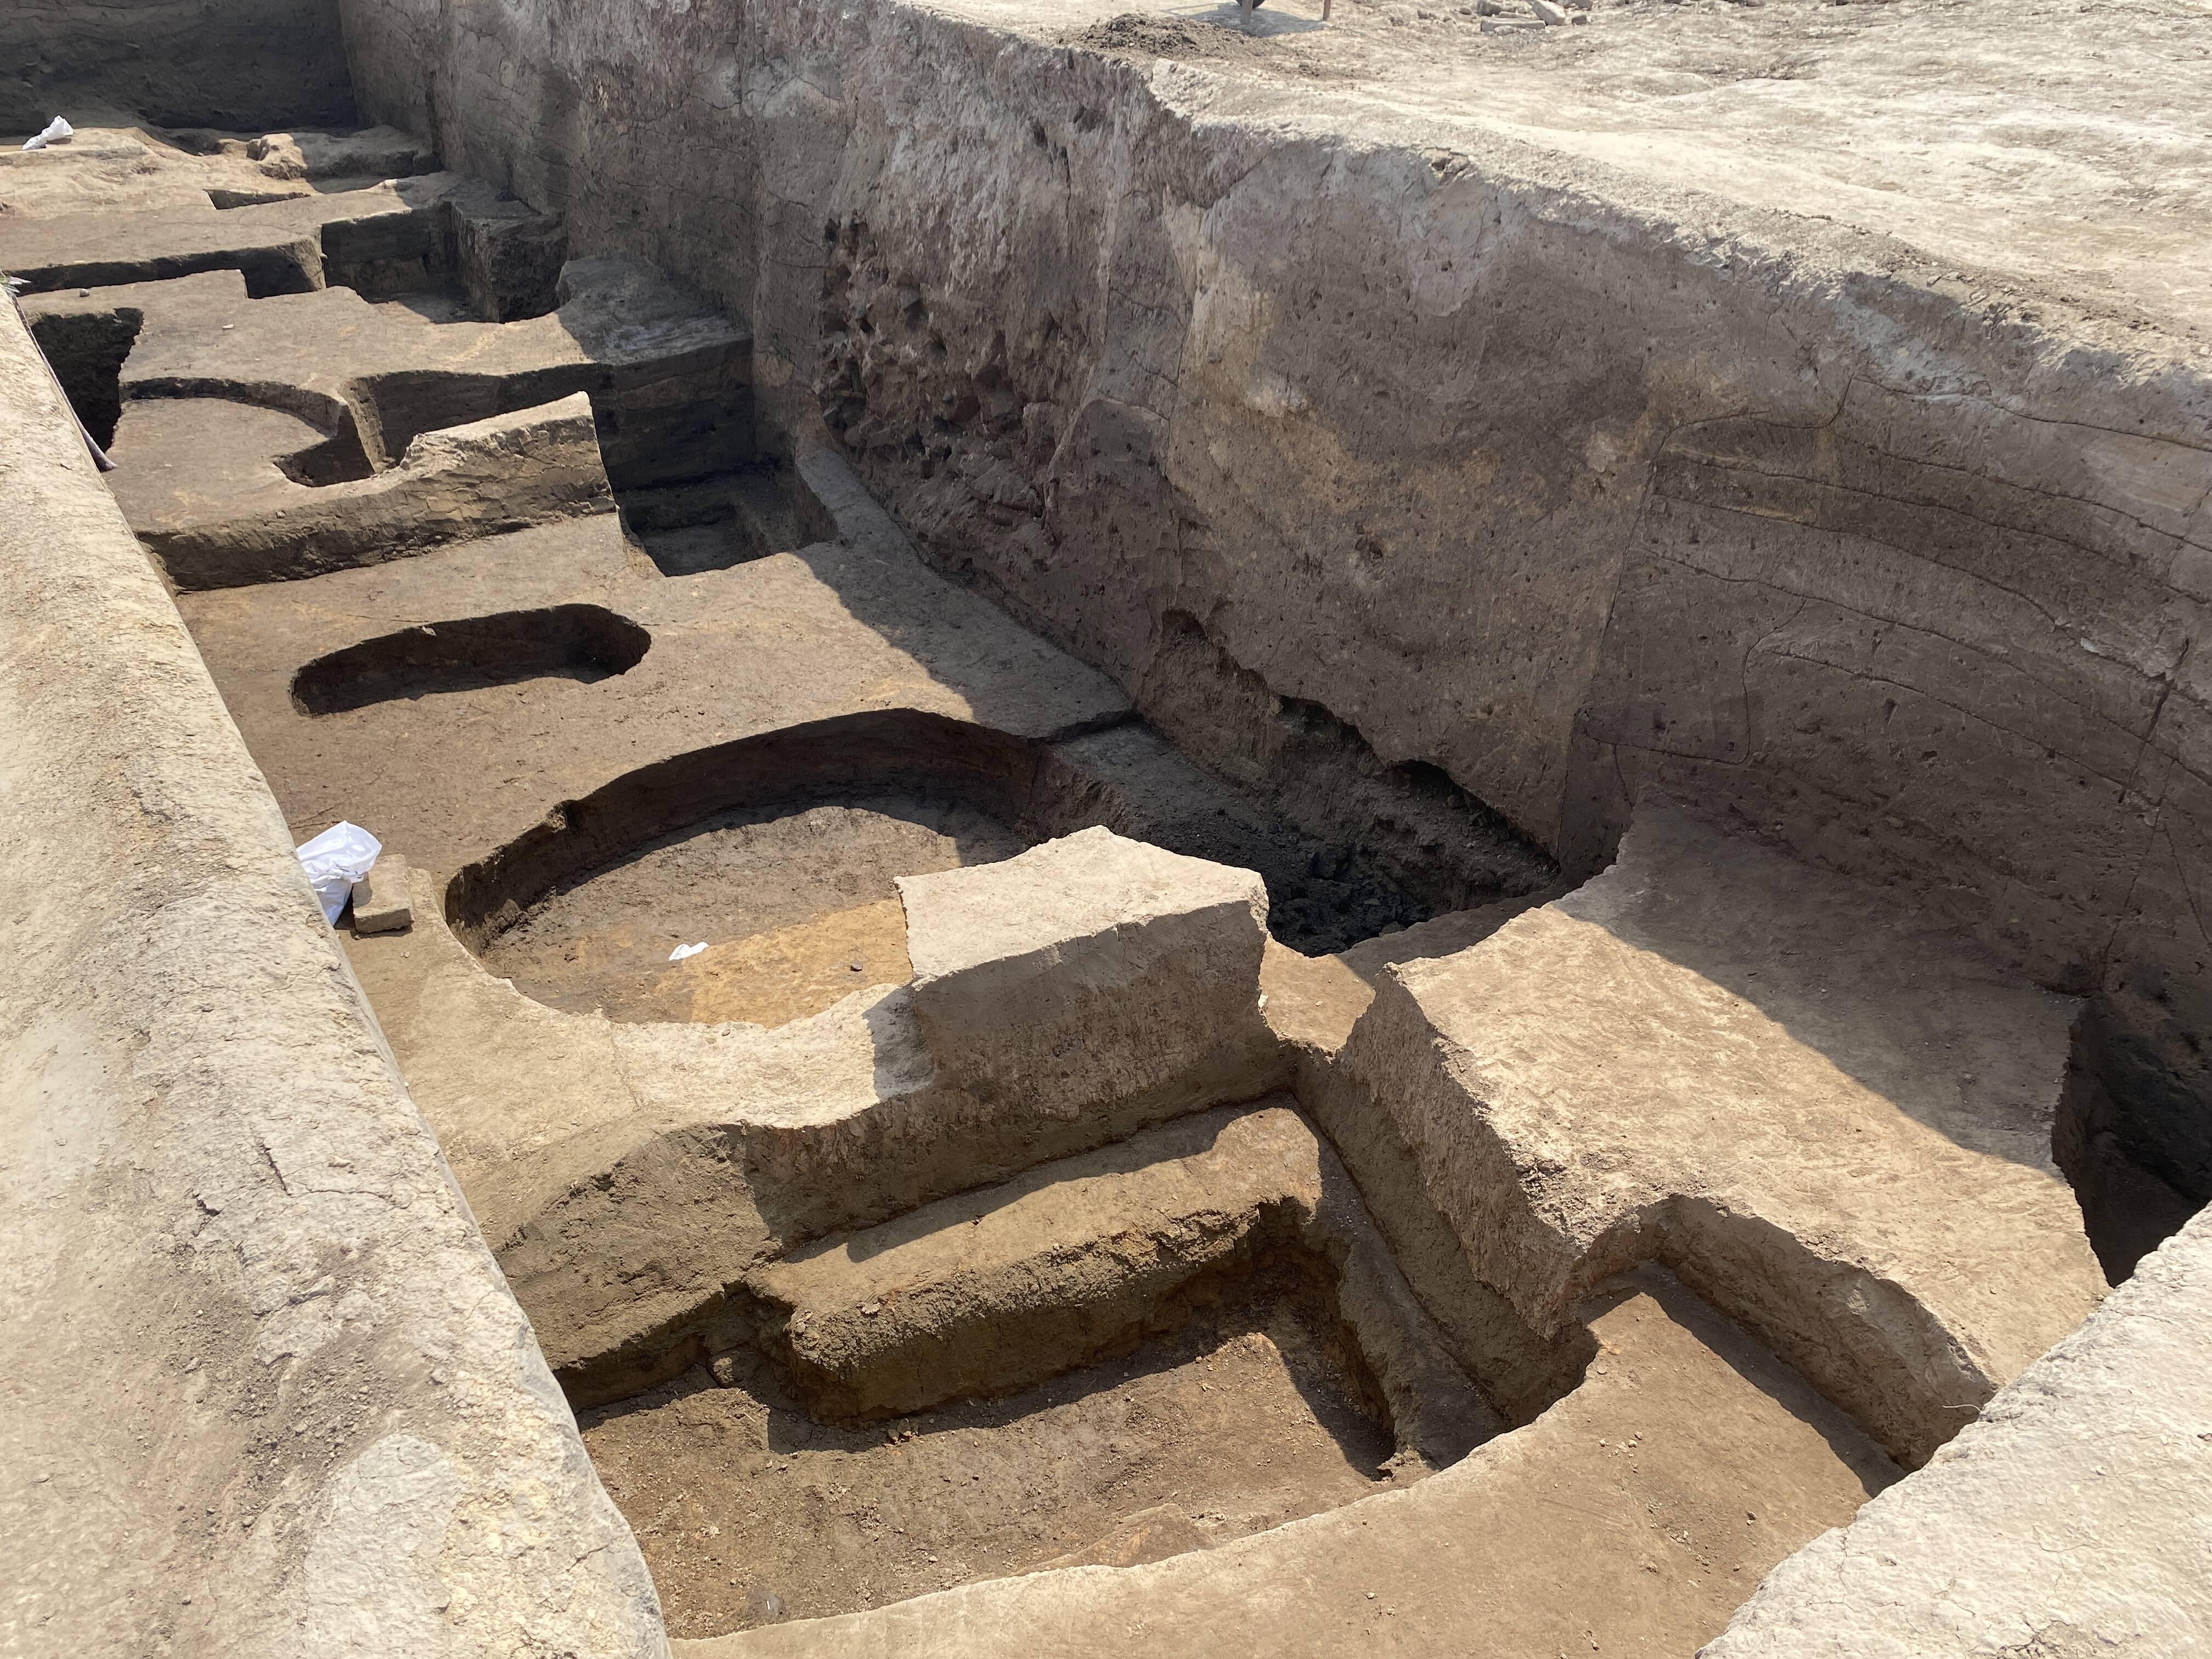 新进展!菏泽考古遗址新挖掘墓葬增至198座!另有窑址、灶等新发现